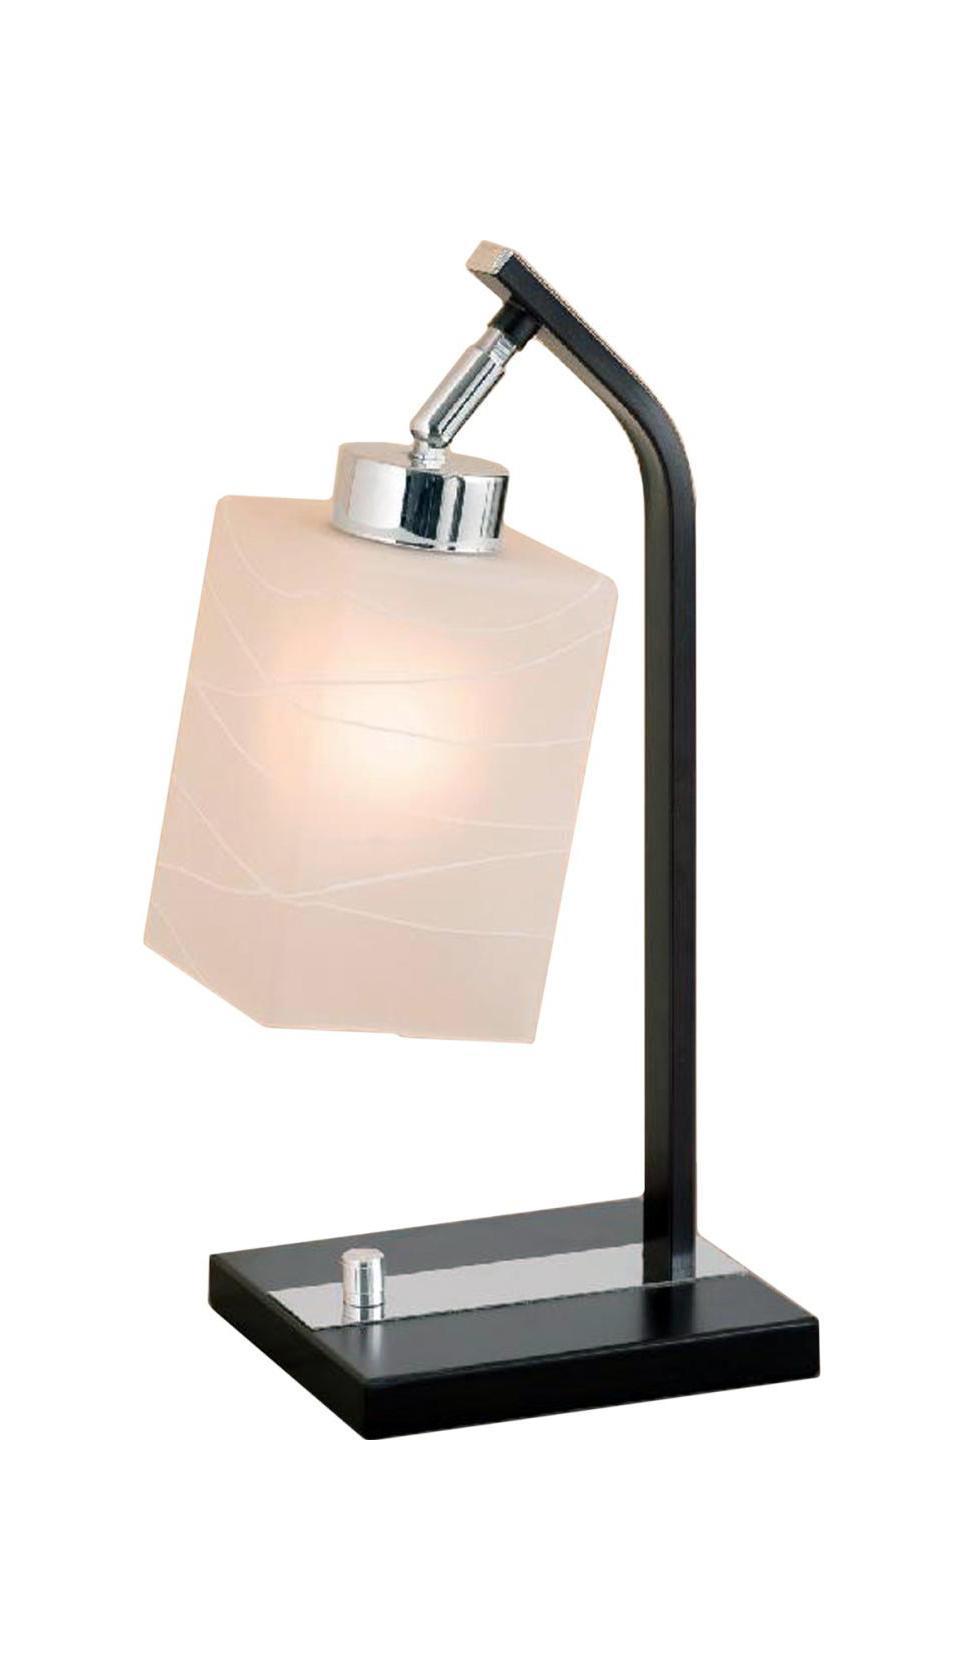 Лампа настольная CitiluxЛампы настольные<br>Тип настольной лампы: декоративная,<br>Назначение светильника: для комнаты,<br>Стиль светильника: современный,<br>Материал светильника: металл, стекло,<br>Длина (мм): 195,<br>Ширина: 155,<br>Высота: 380,<br>Количество ламп: 1,<br>Тип лампы: накаливания,<br>Мощность: 75,<br>Патрон: Е27,<br>Цвет арматуры: белый<br>